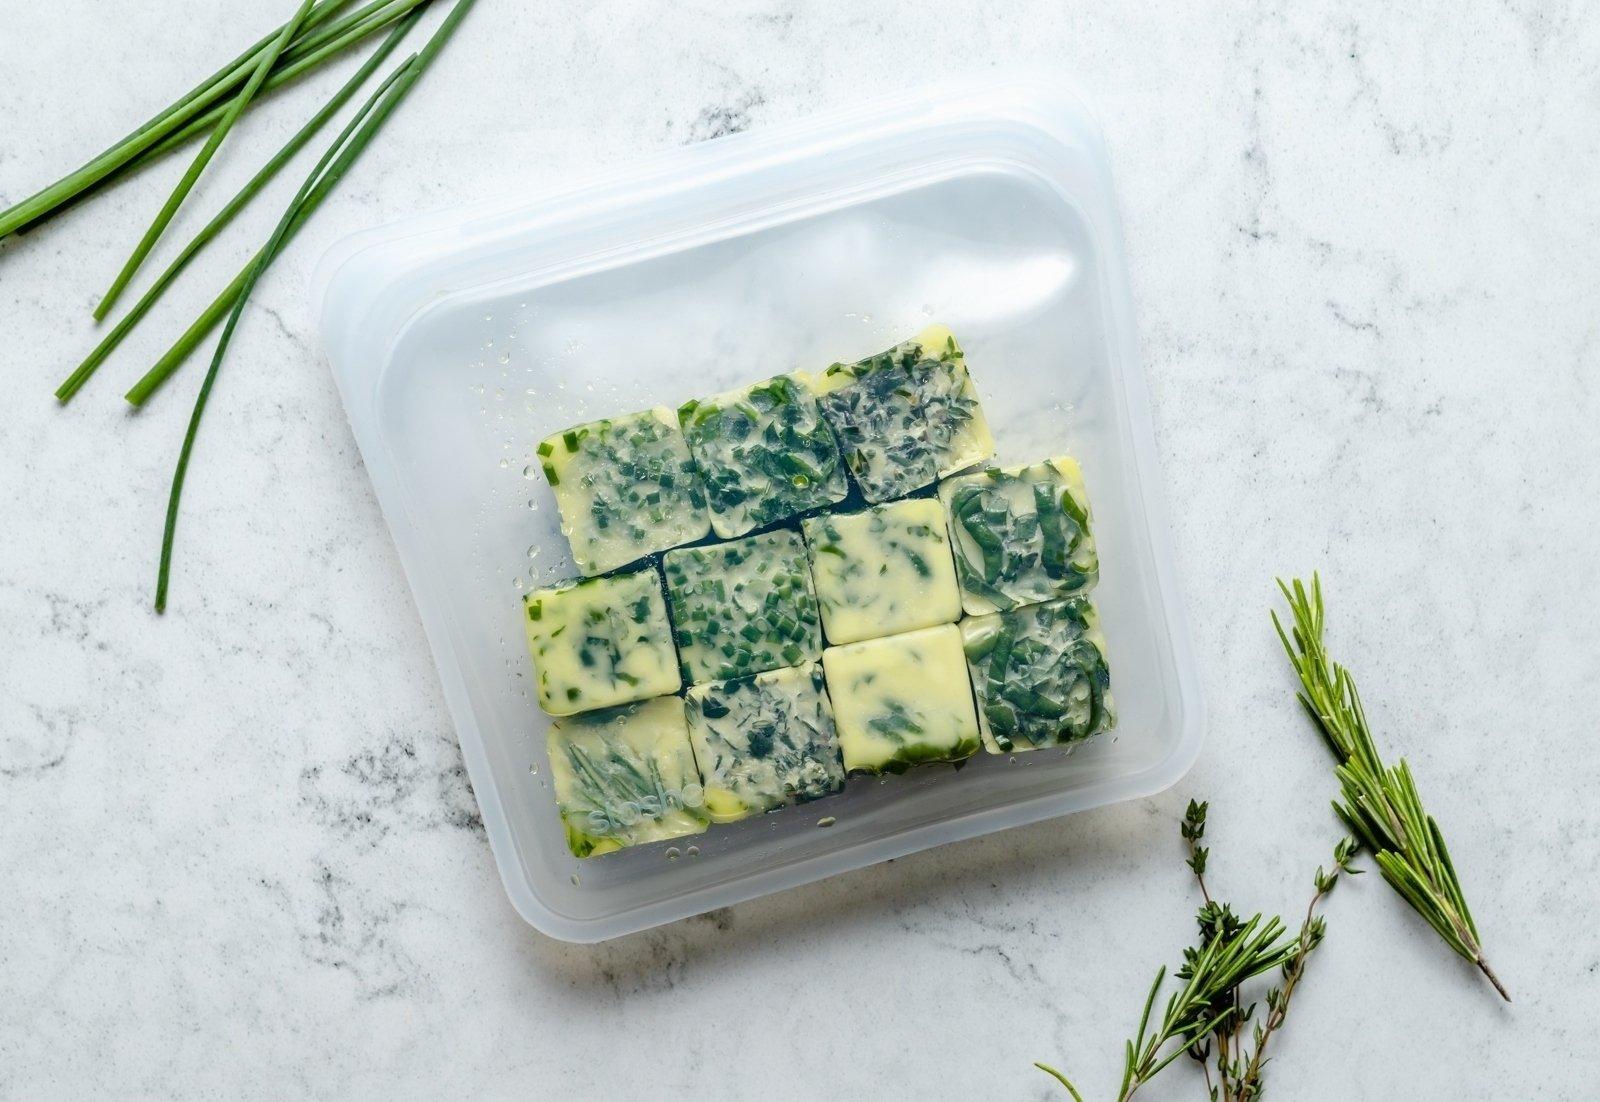 frozen herbs in a reusable bag